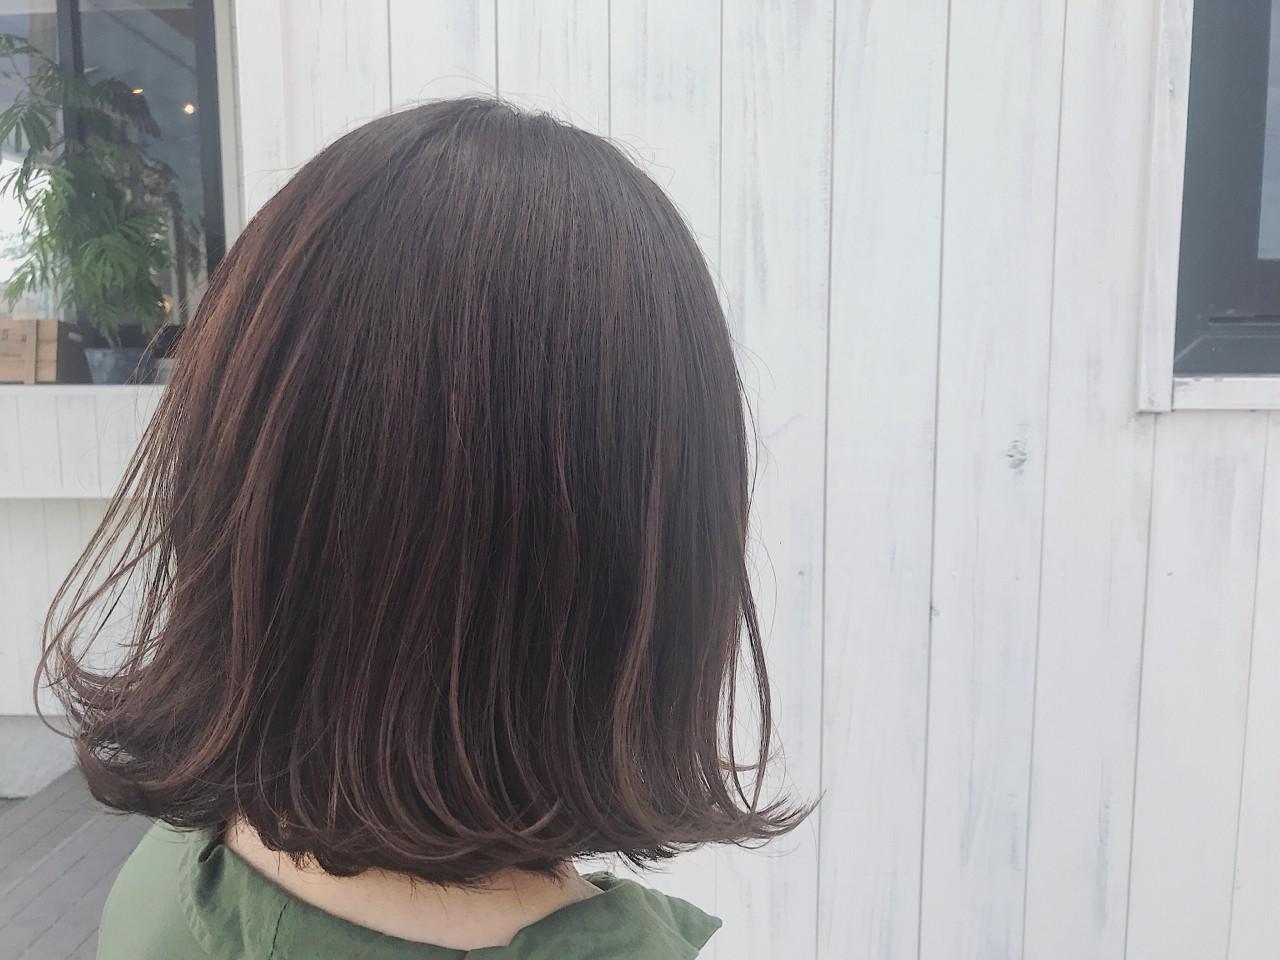 オフィス ヘアアレンジ ナチュラル アウトドア ヘアスタイルや髪型の写真・画像 | ニシモリ ショウヘイ / 583koyomi